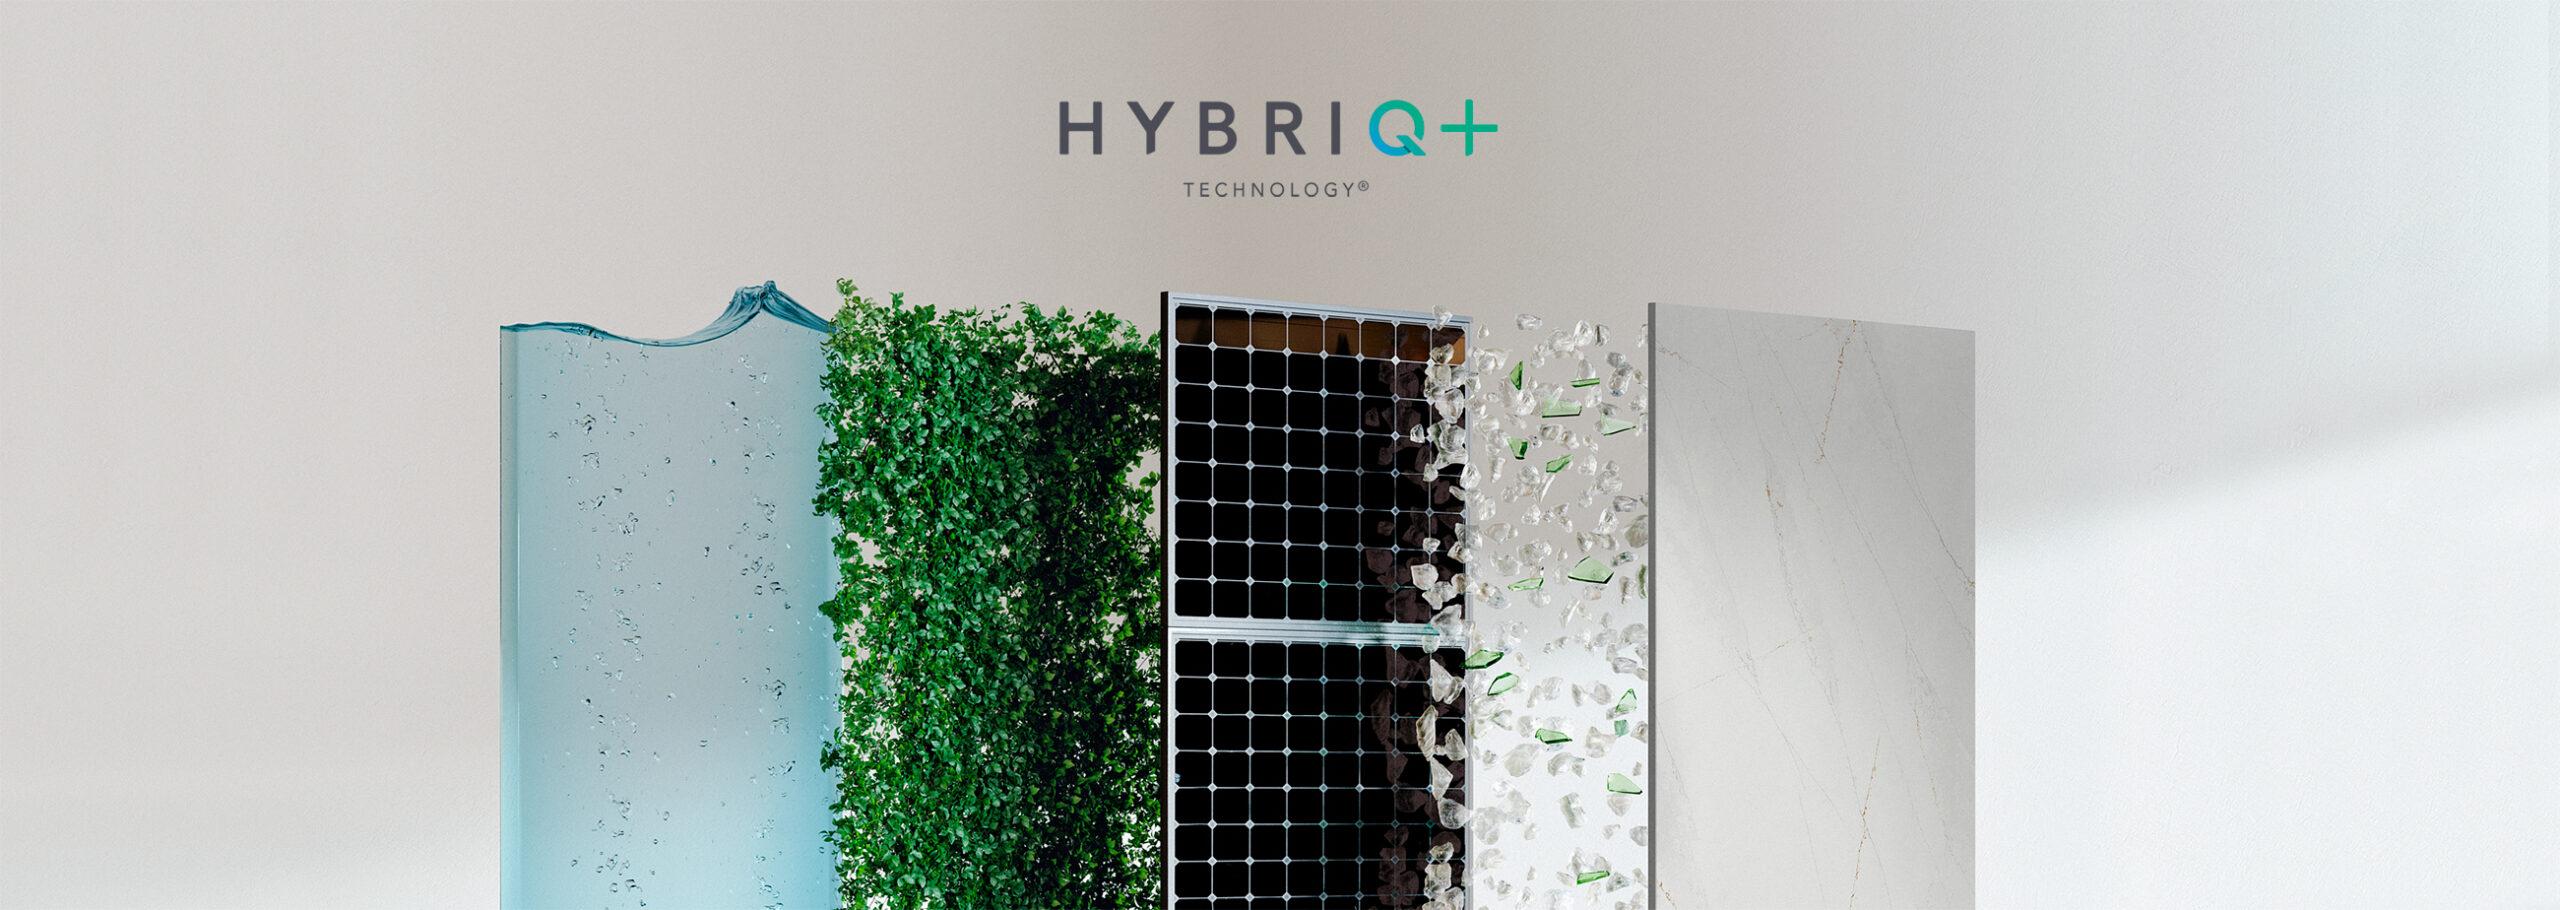 Image of Concepto Tablas Hybriq scaled in Cos'è Silestone - Cosentino